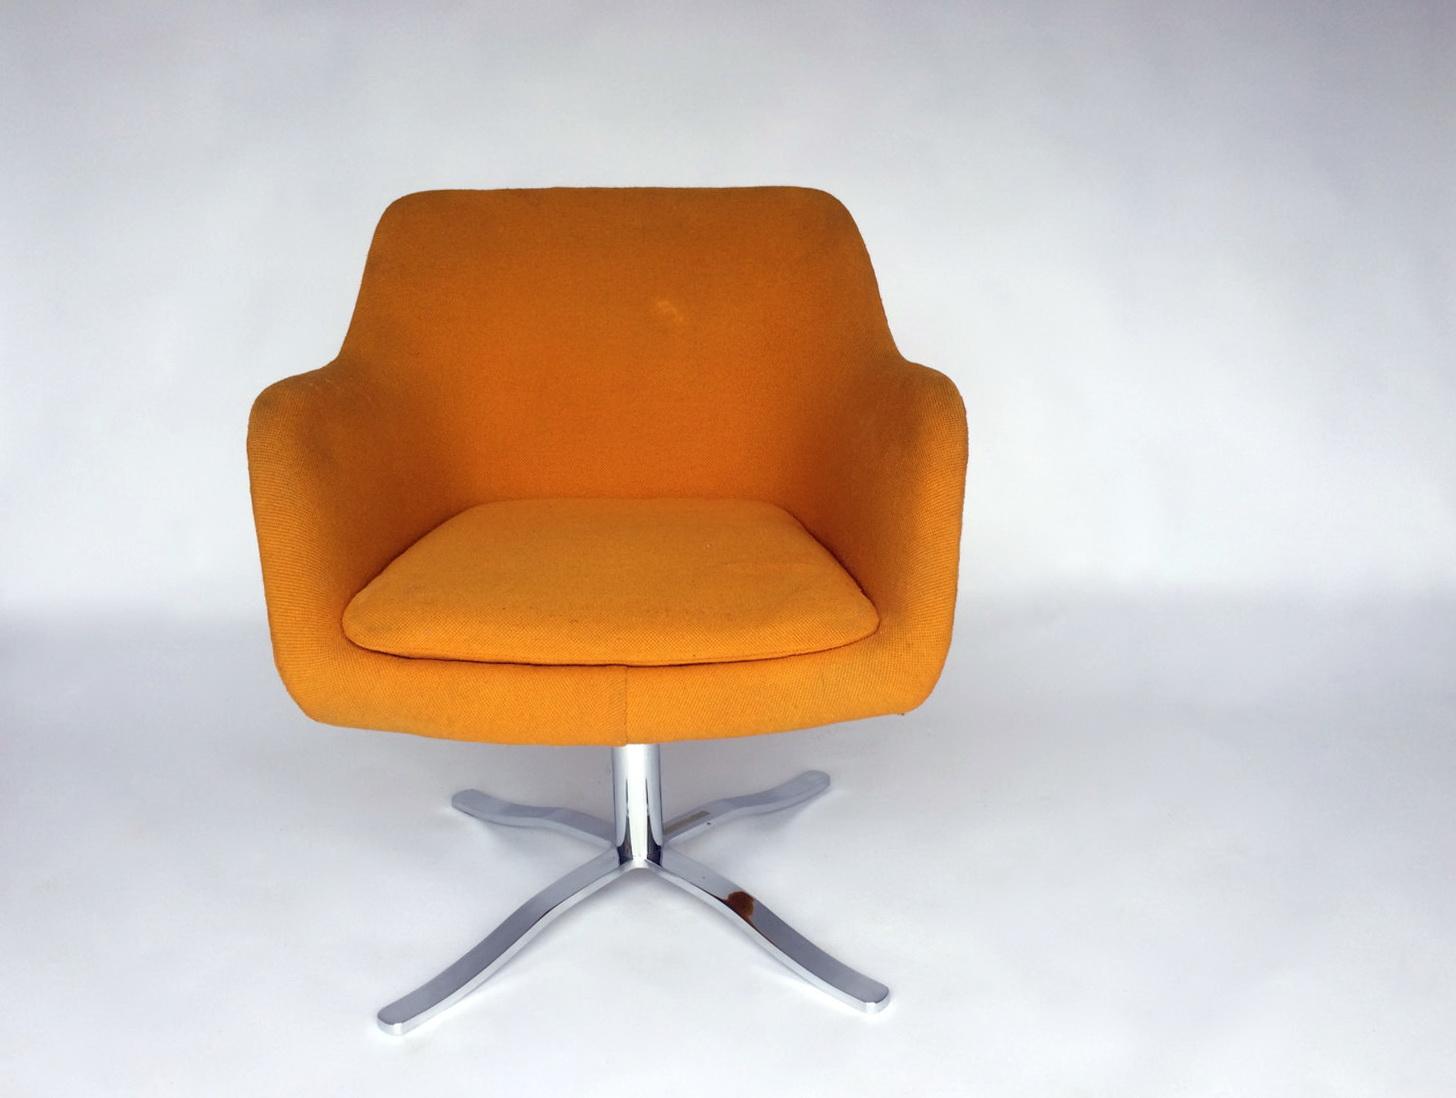 Swivel Desk Chair Cushion